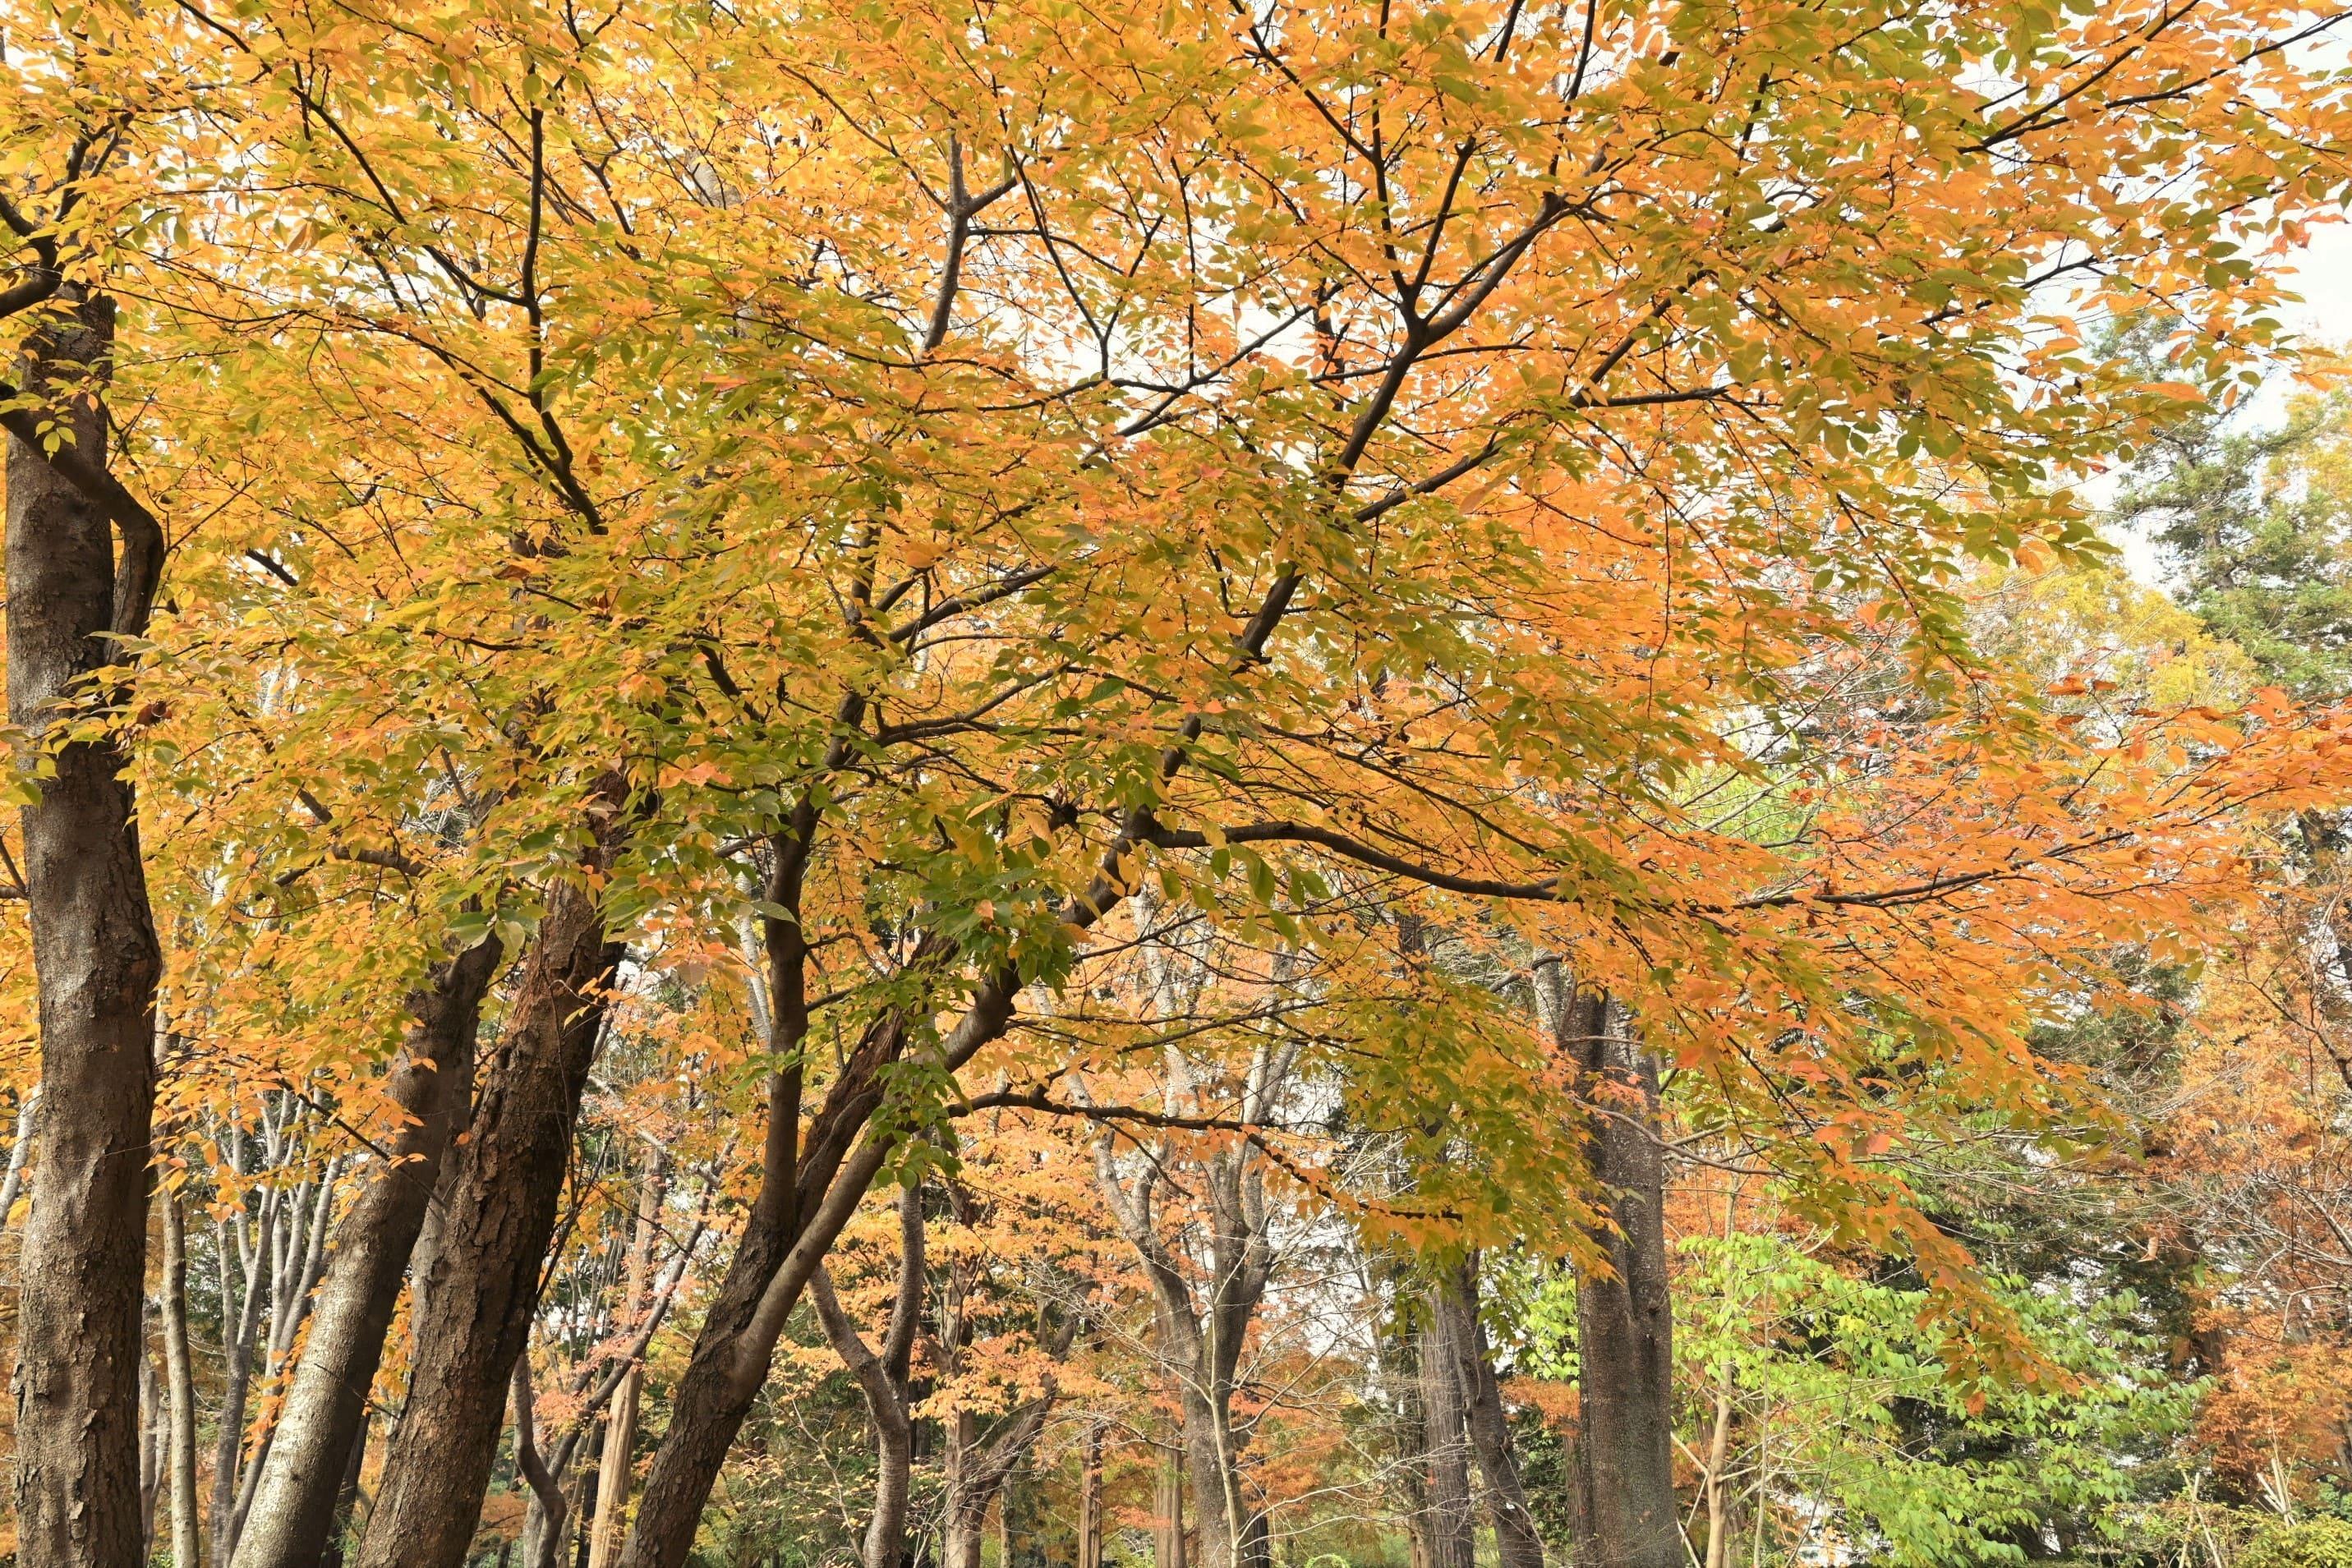 ウワミズザクラ,紅葉,黄葉